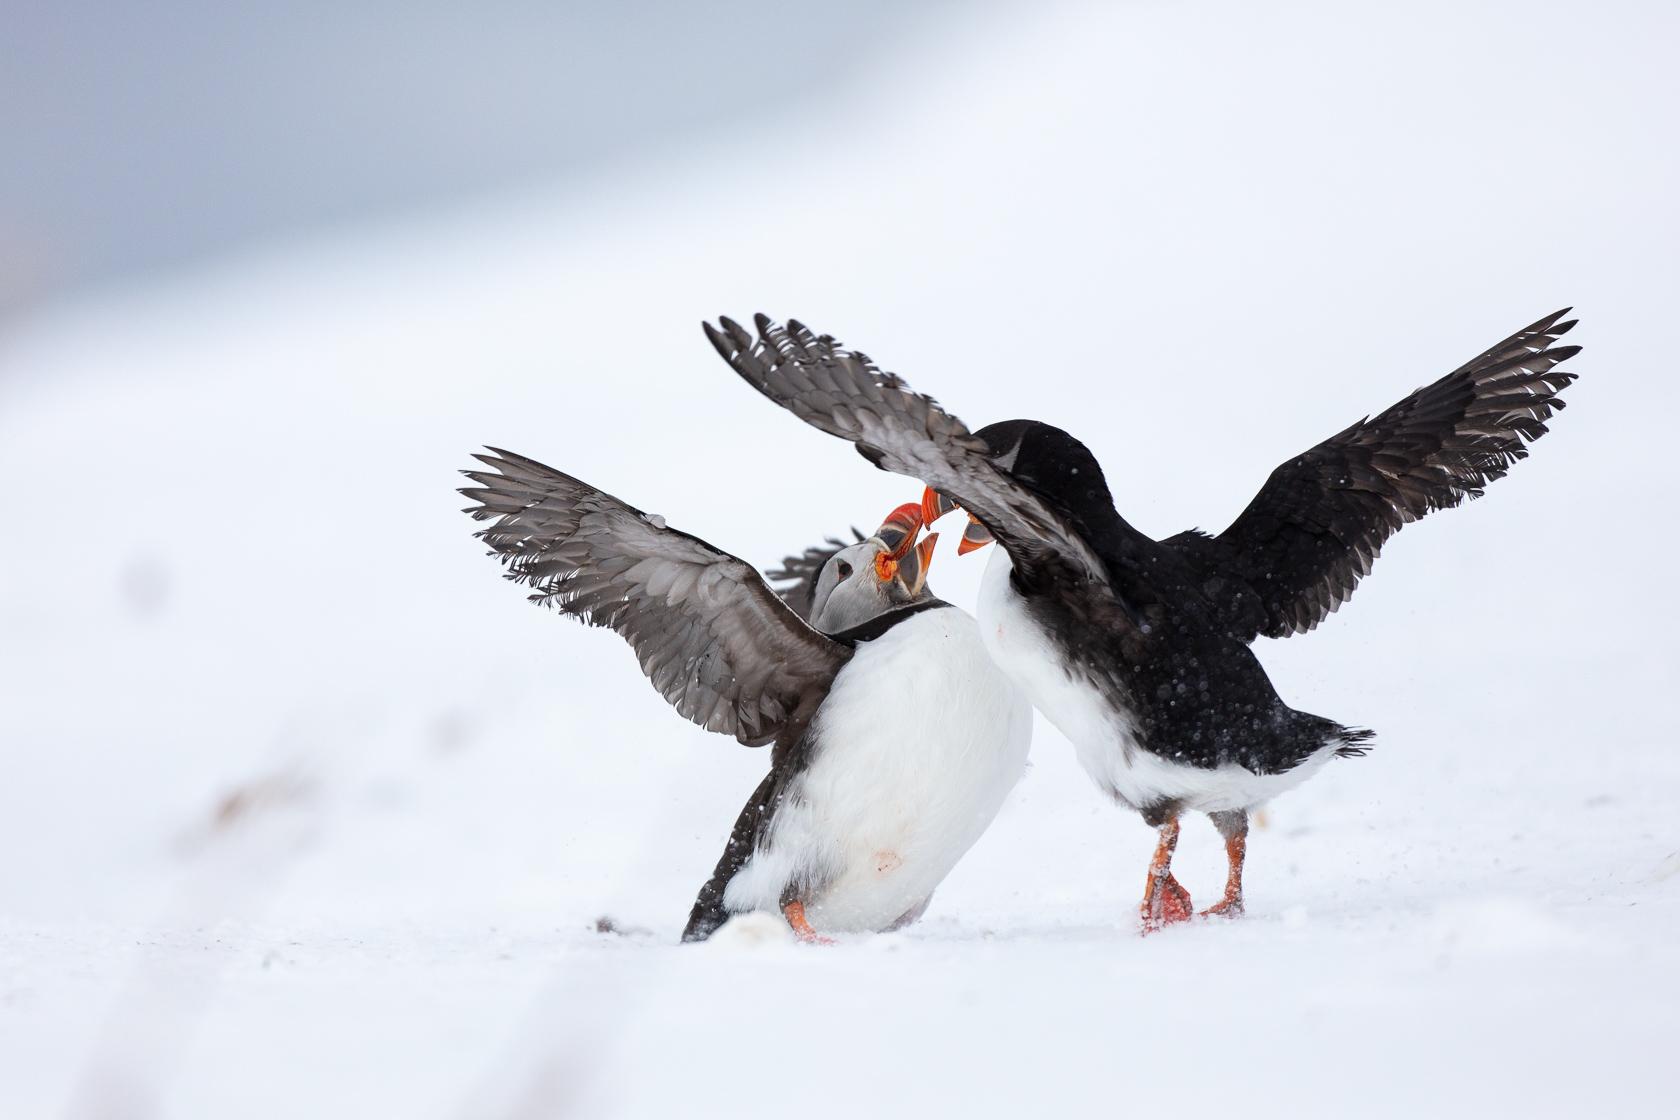 combat de macareux moine (Fratercula arctica) sur l'île d'Hornøya